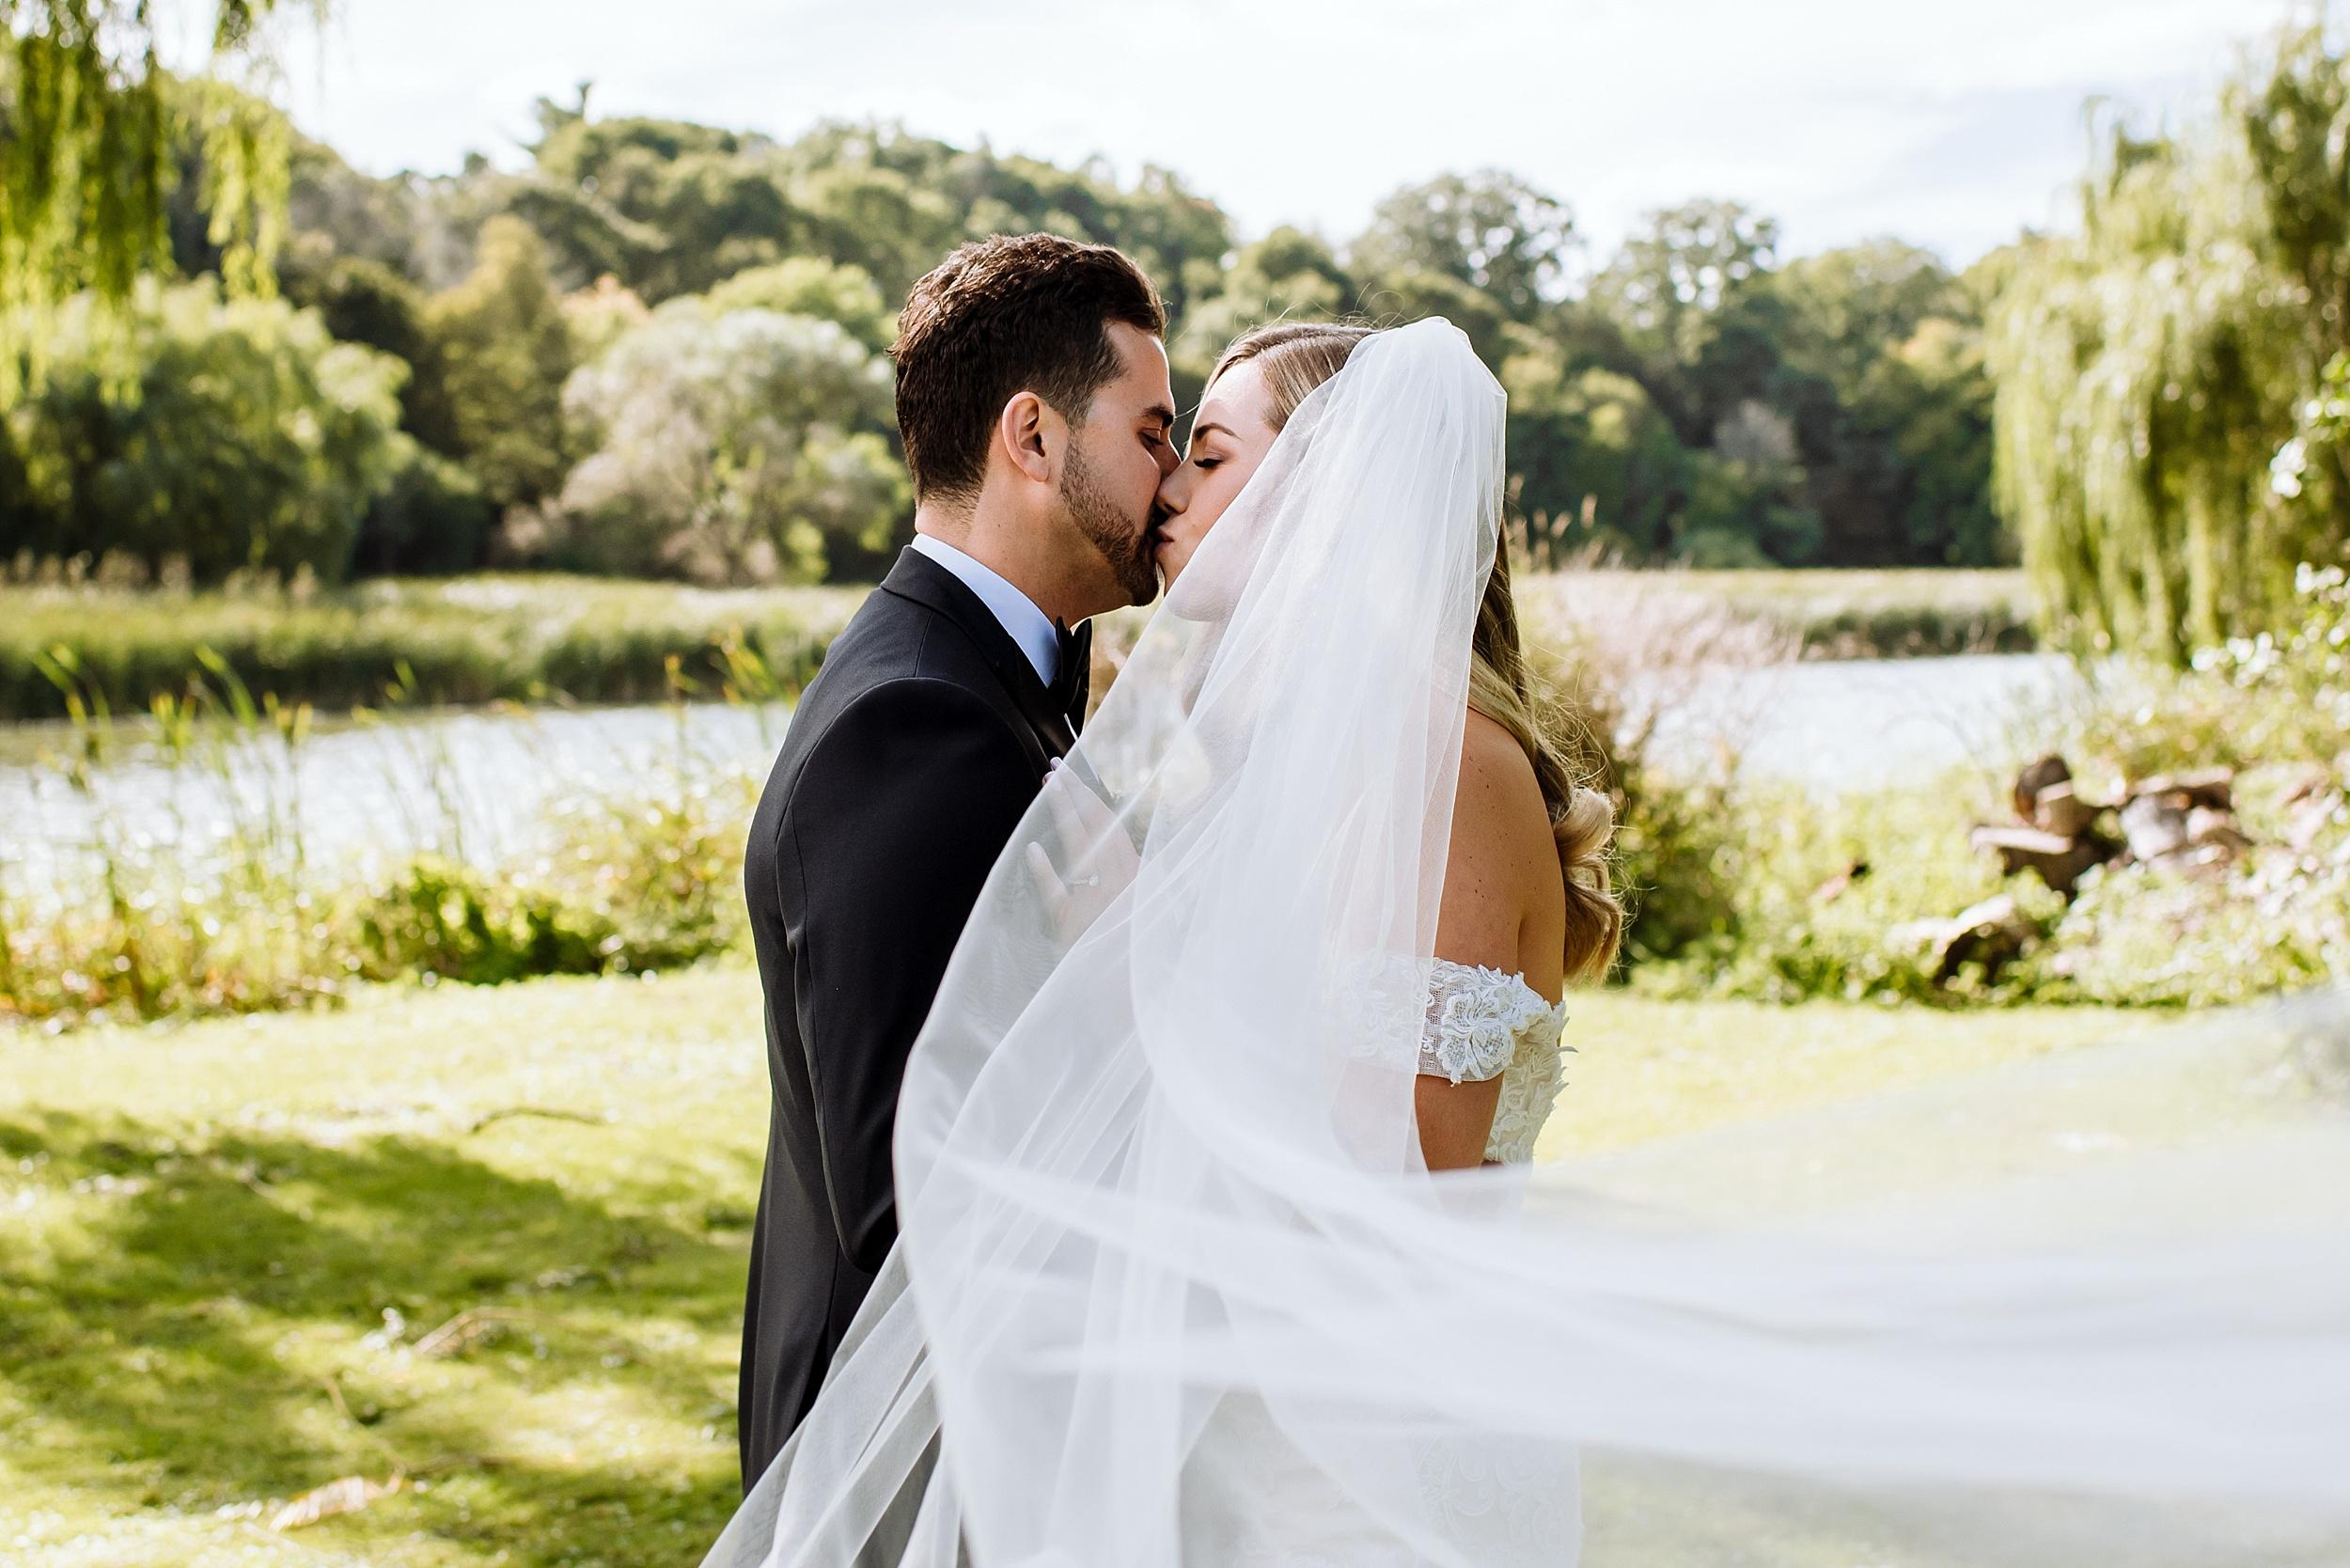 Rustic_Backyard_Wedding_Toronto_Photographer050.jpg